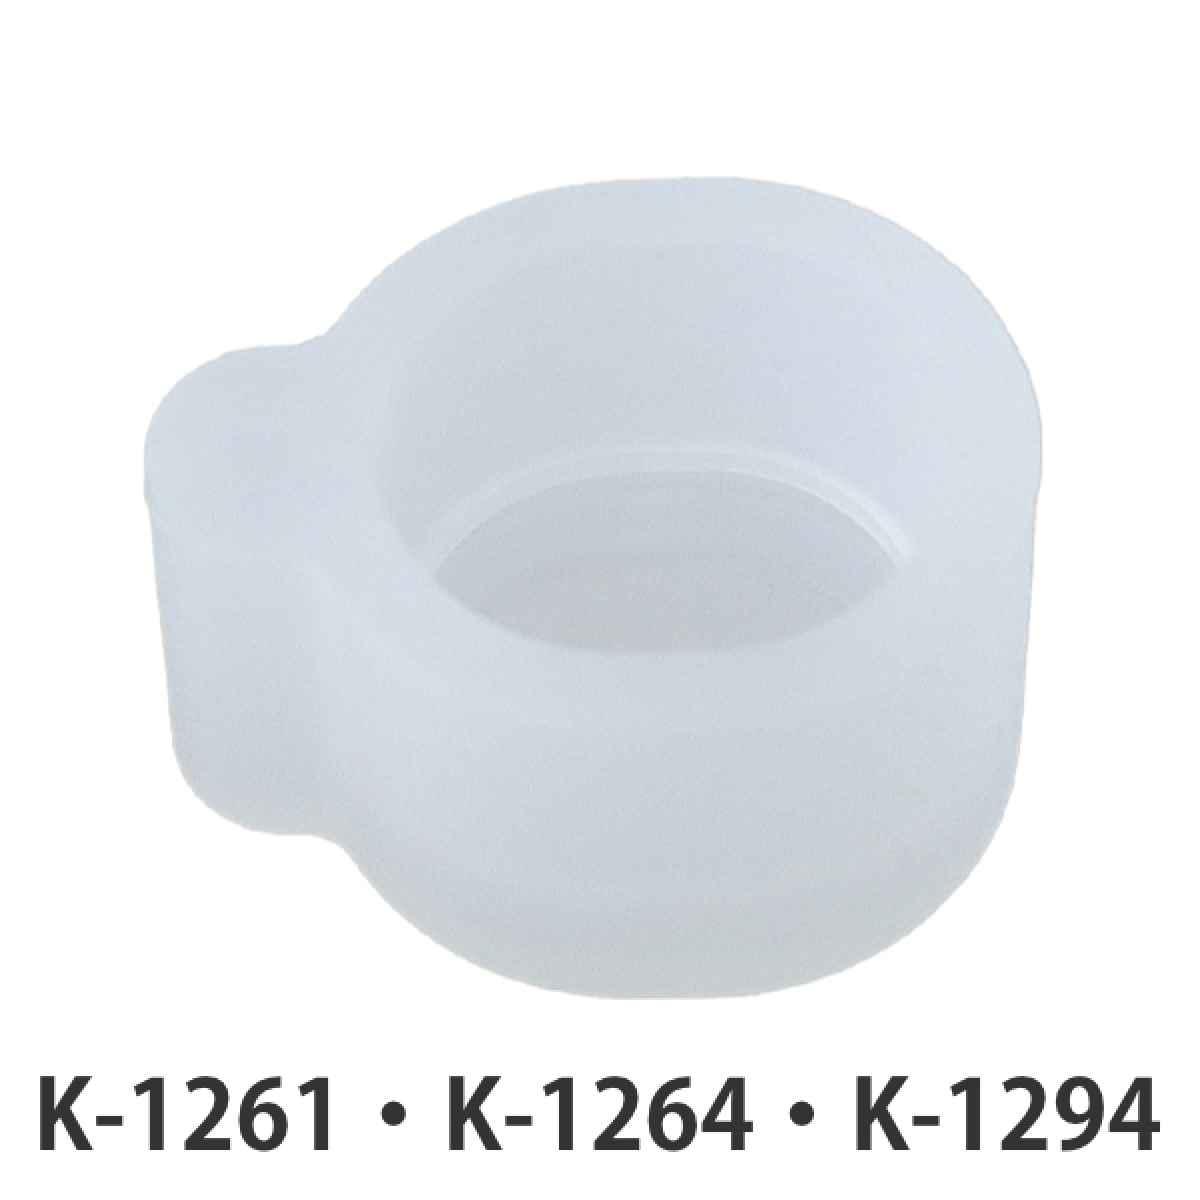 冷水筒K-1261、K-1281、K-1294専用パッキン パッキン 注ぎ口用 冷水筒 ピッチャー K-1261 K-1264 K-1294 専用 部品 パーツ ( 替えパッキン 注ぎ口 交換用 本体別売り 別売りパーツ )